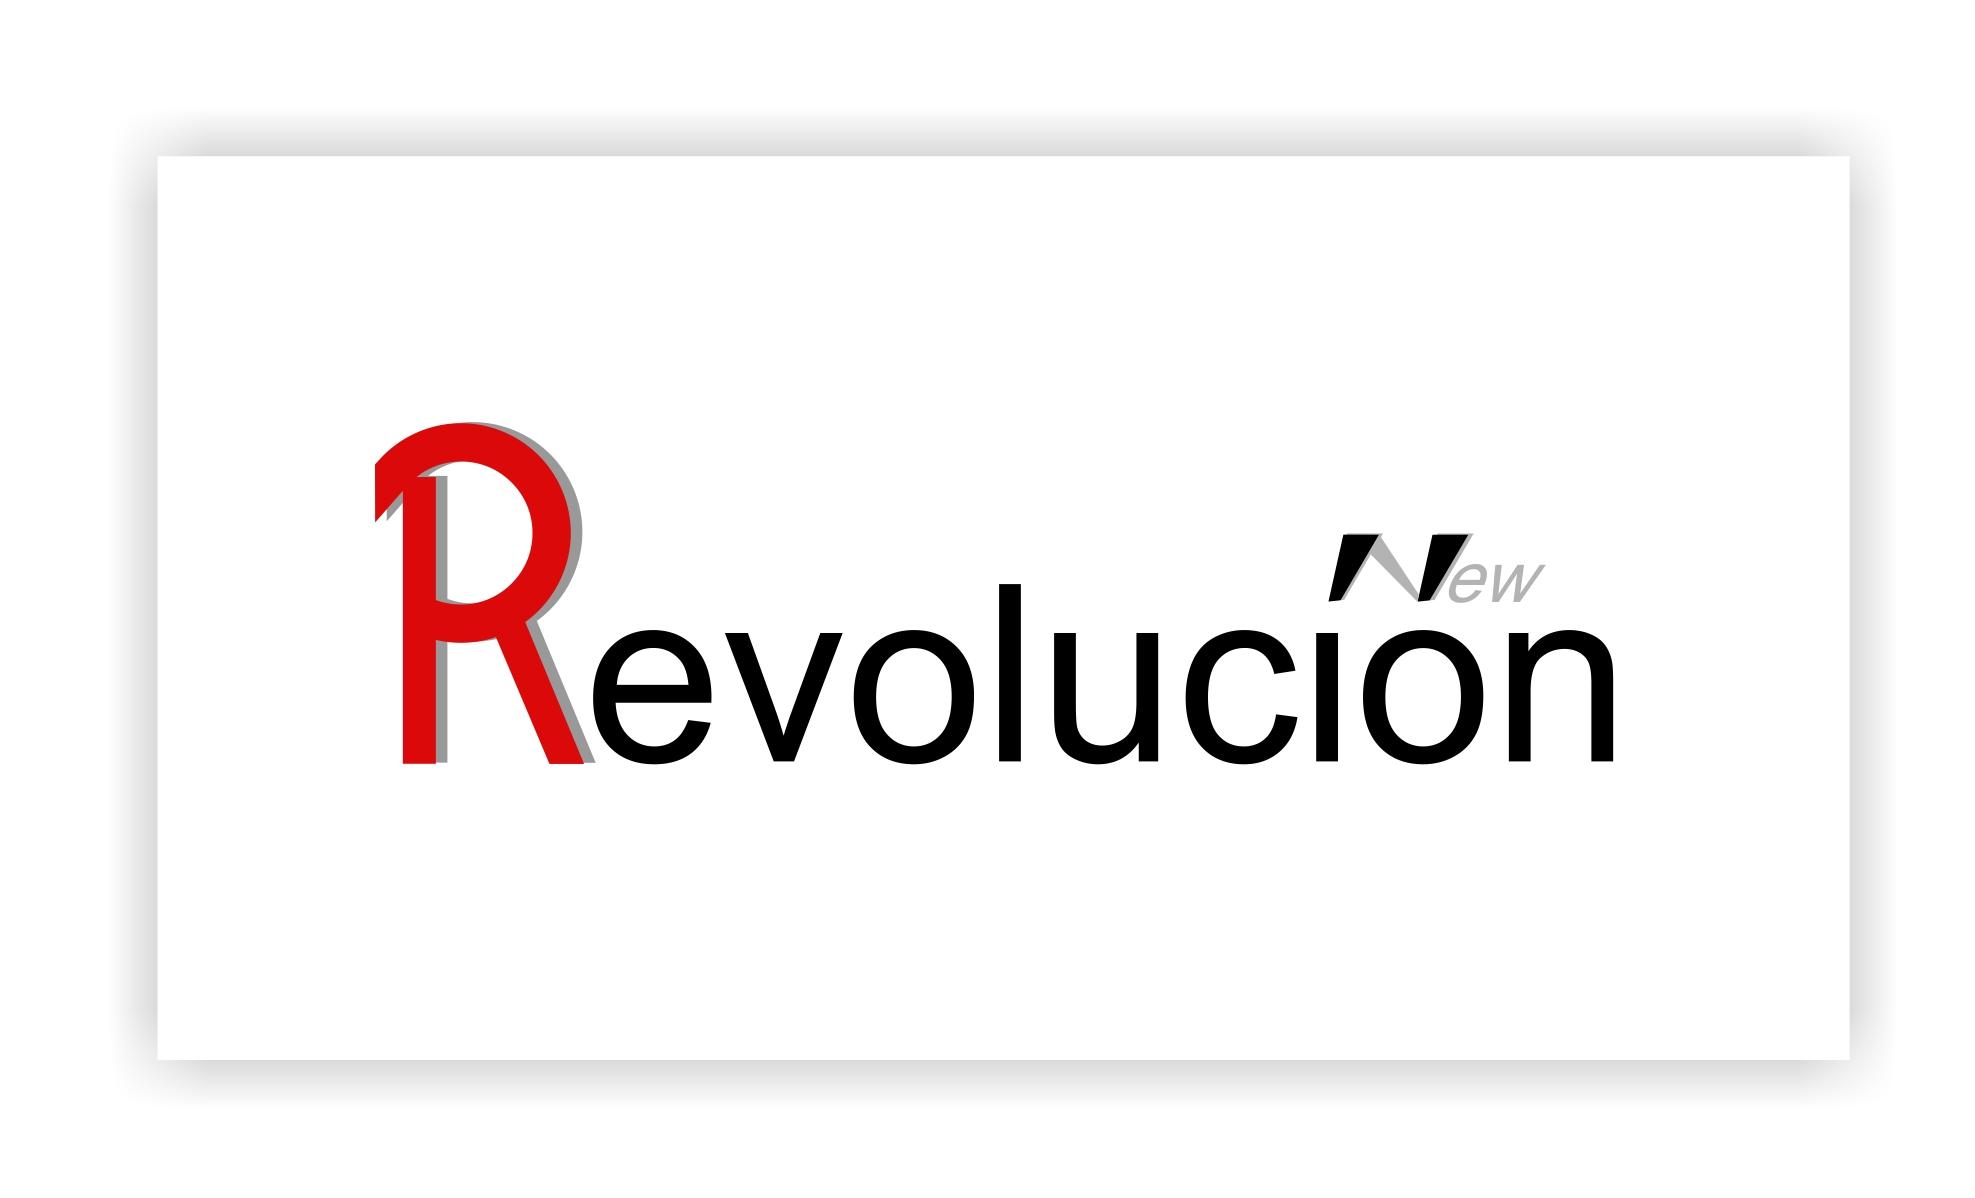 Разработка логотипа и фир. стиля агенству Revolución фото f_4fb8ddb55a342.jpg